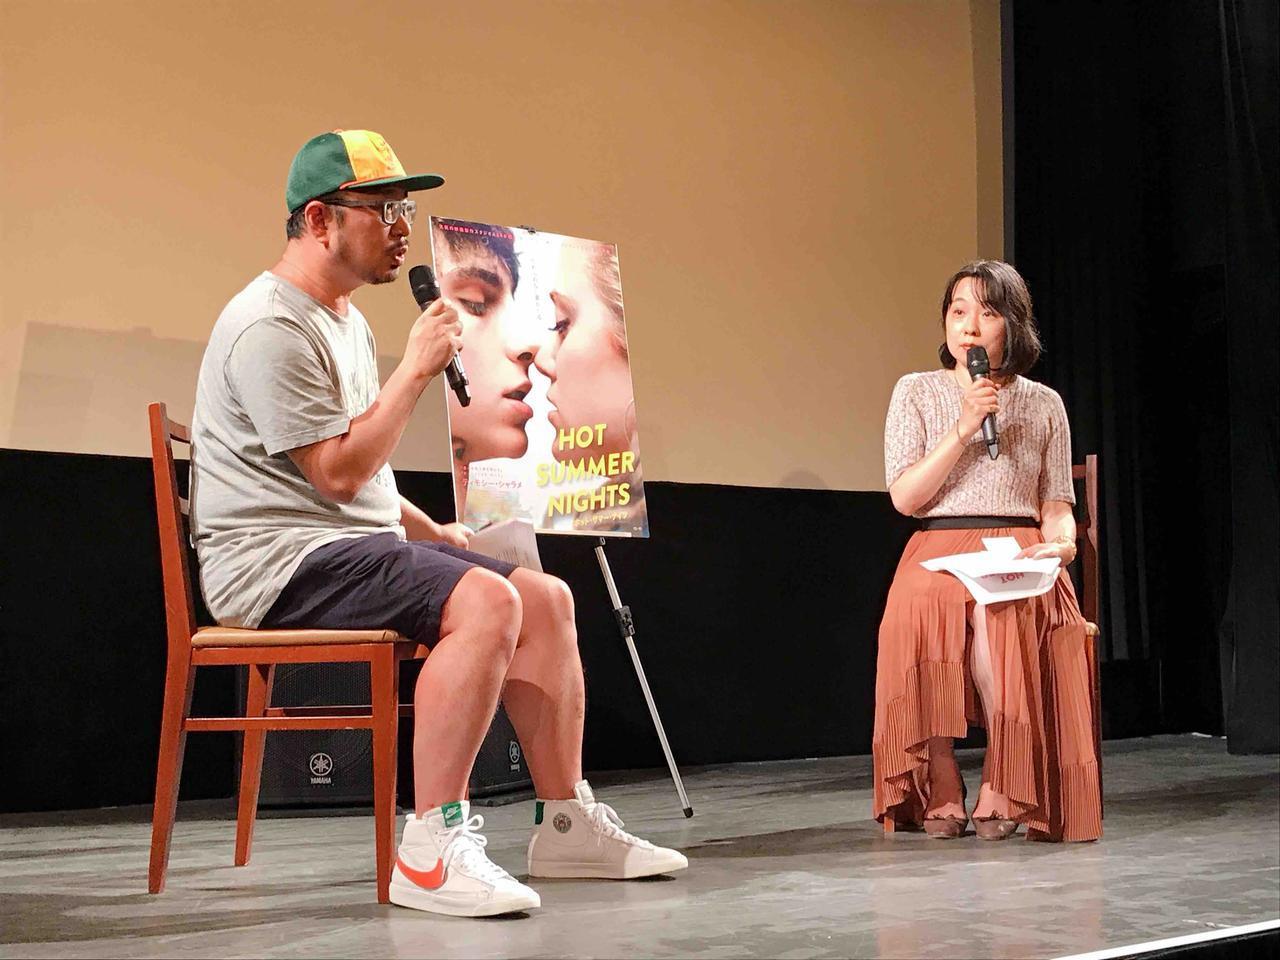 画像: 左より、宇野維正さん(映画・音楽ジャーナリスト)、辛酸なめ子さん(漫画家、コラムニスト)